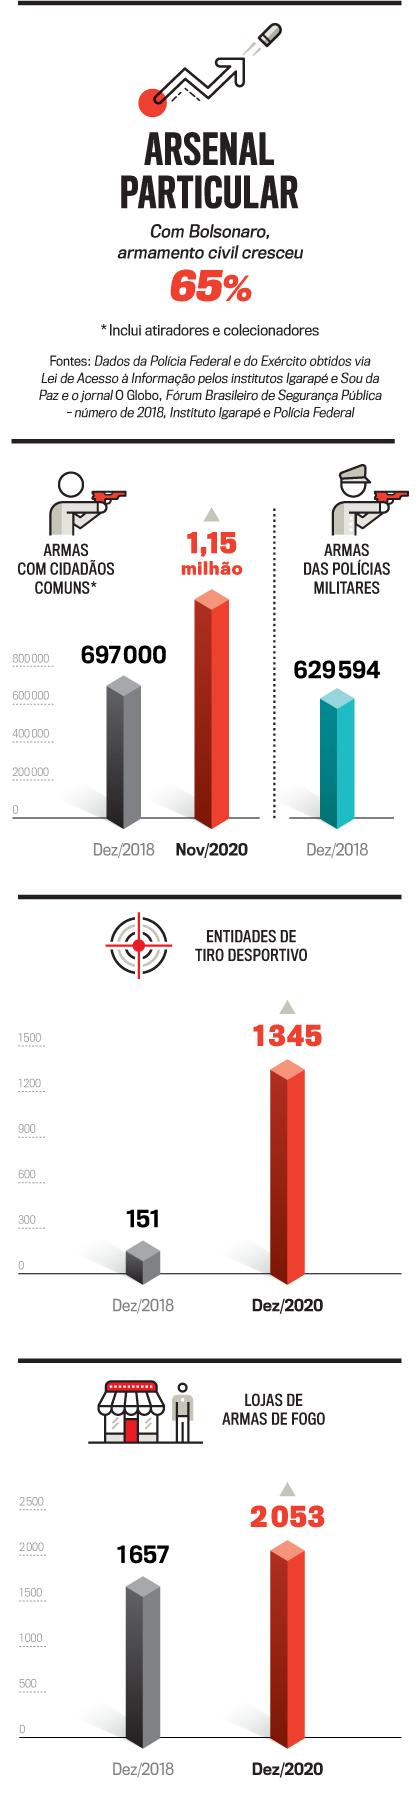 infográfico de armas, explicando sobre o armamento civil com o governo bolsonaro